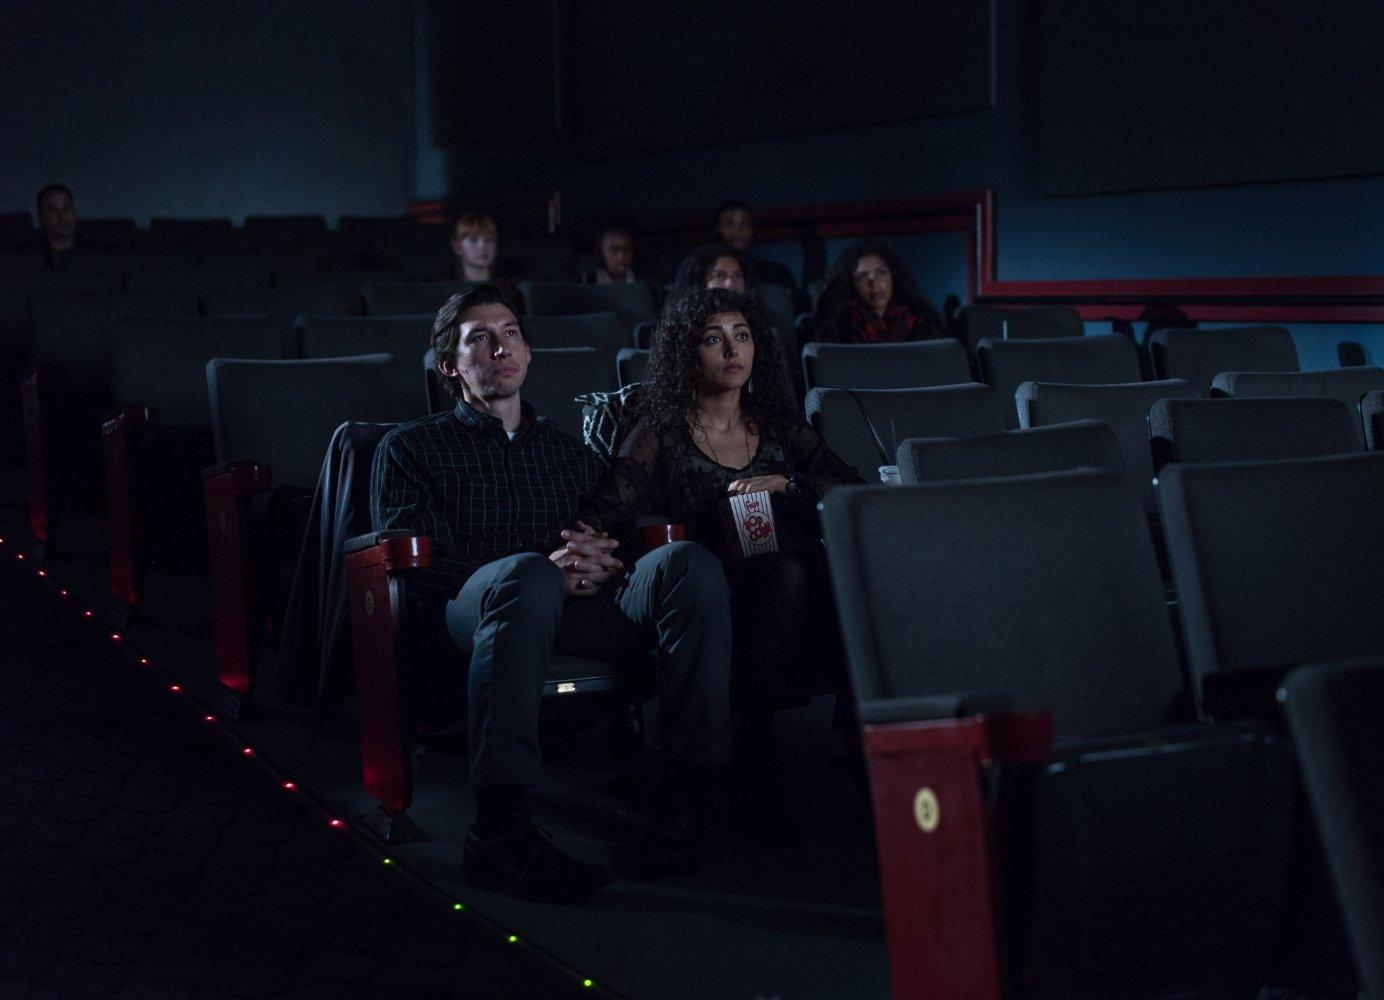 Лучшие фильмы 2017 года — Патерсон — Отвратительные мужики Disgusting Men — 2017 Best Movies